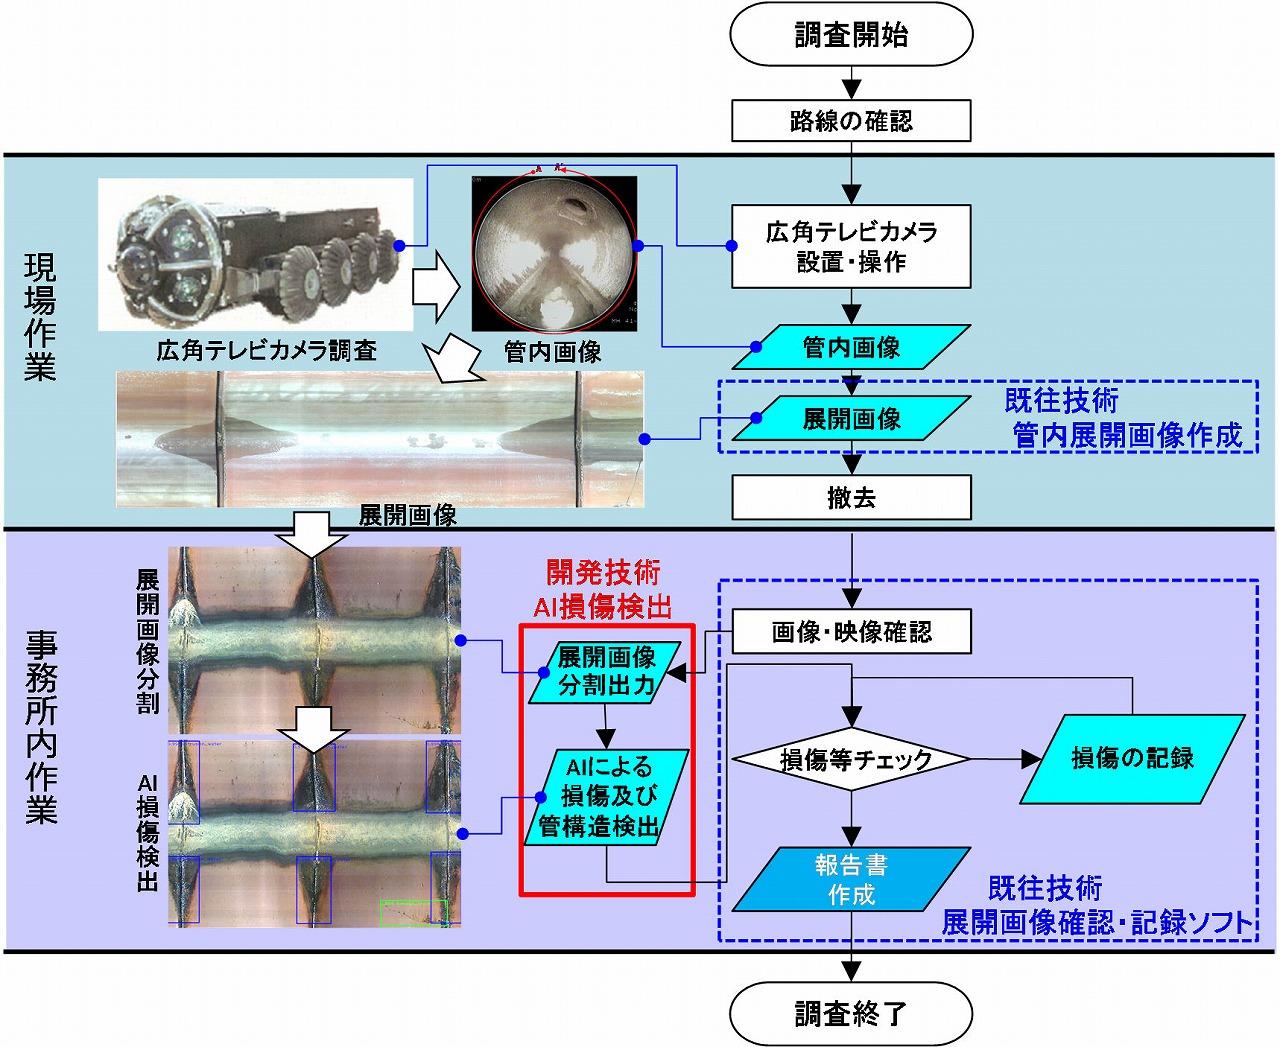 「AIを用いた下水道管渠の損傷検出システム」による調査業務のワークフロー(以下の資料:奥村組、ジャスト)